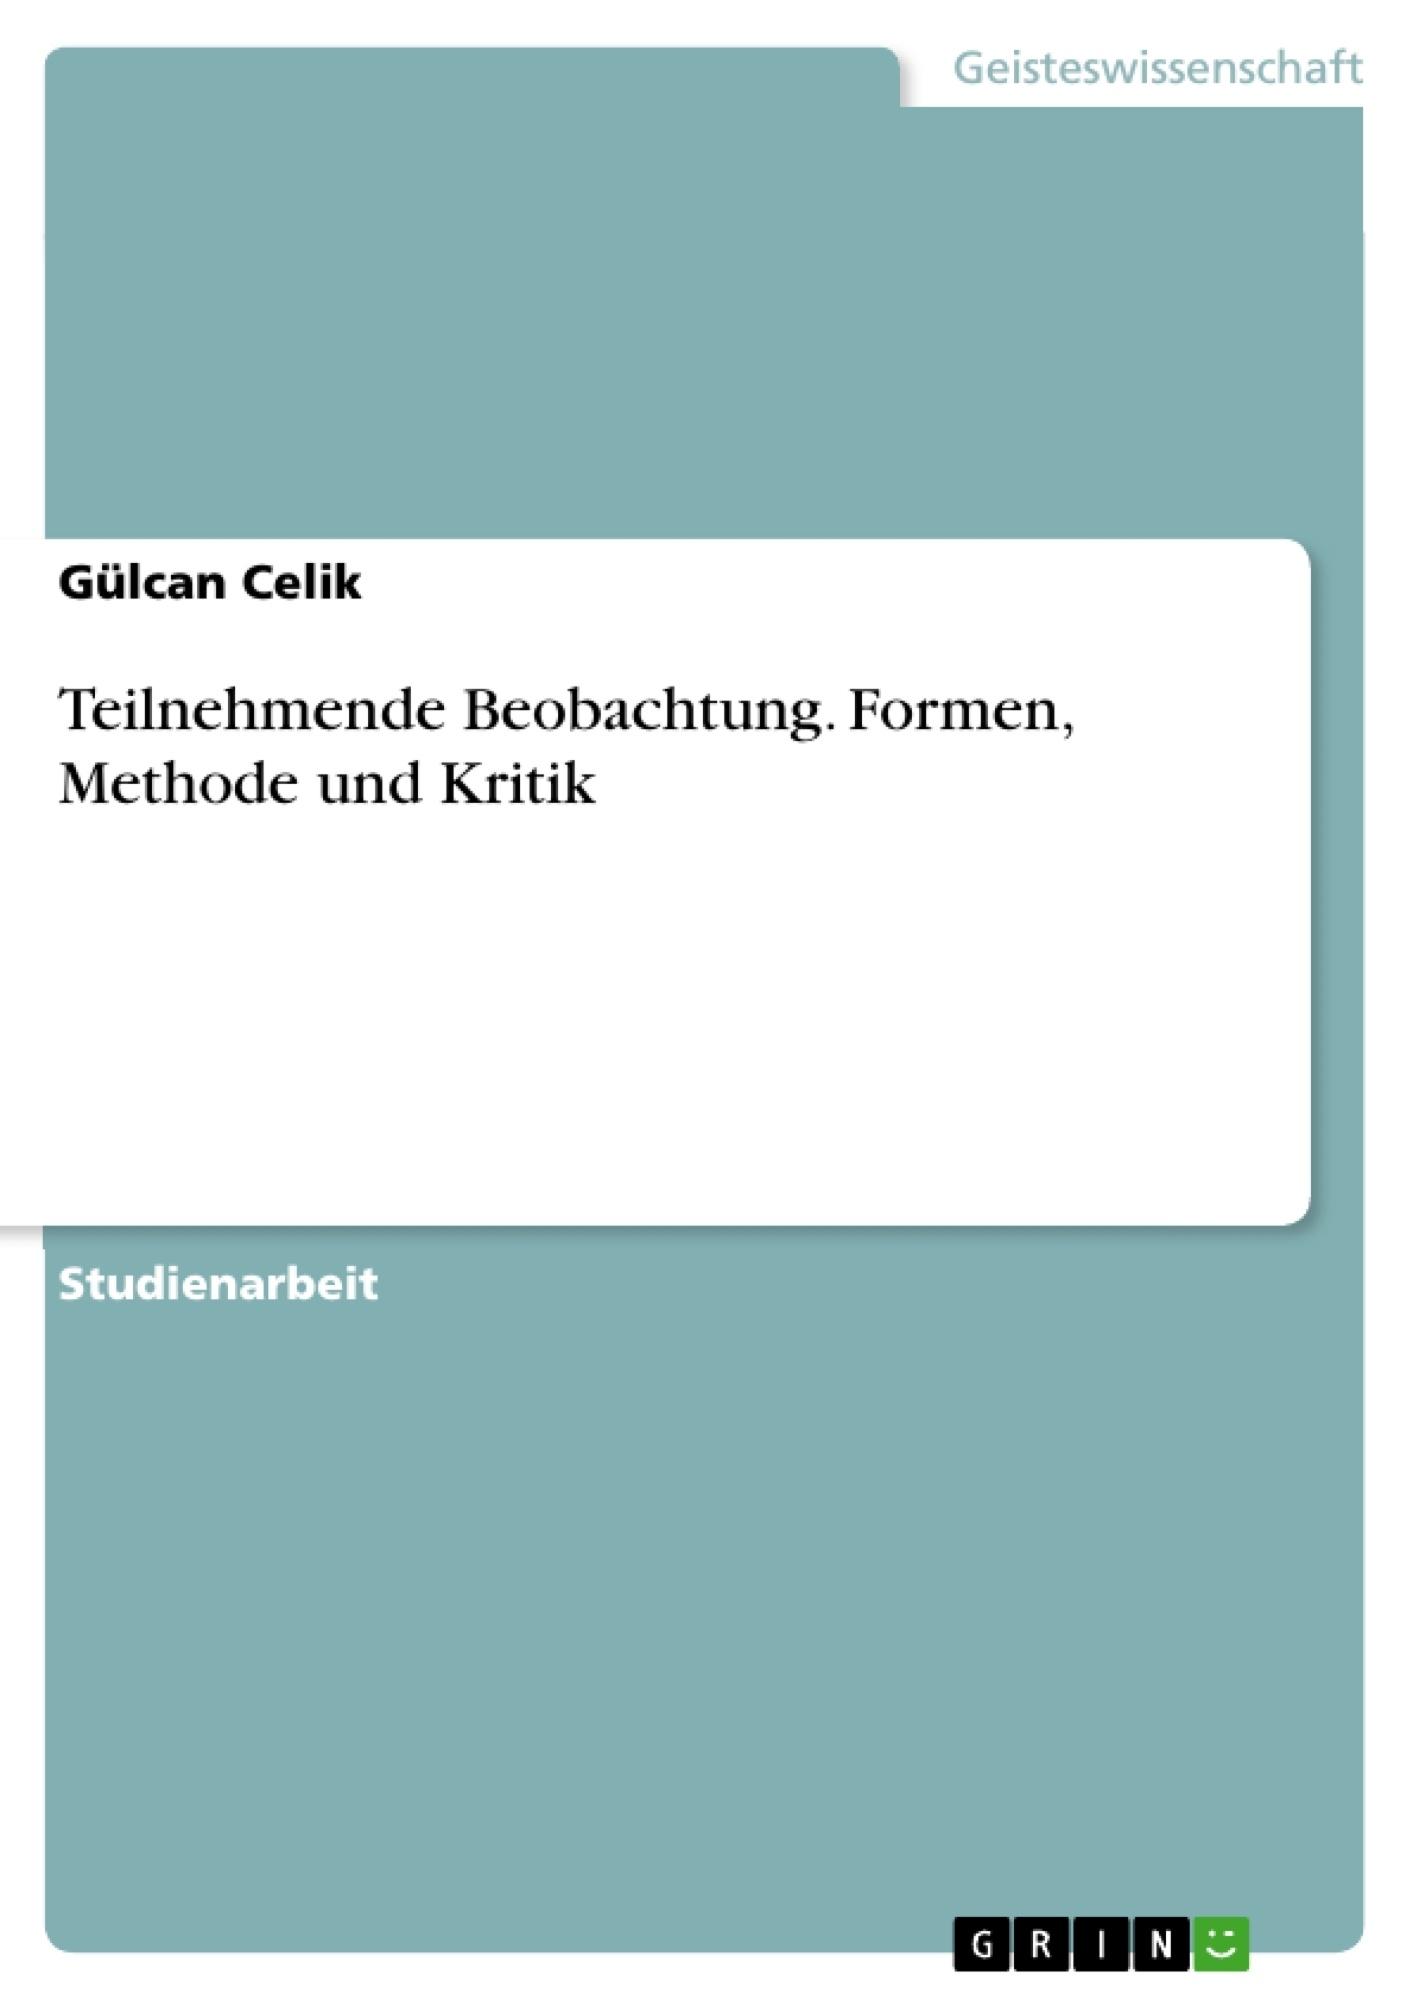 Titel: Teilnehmende Beobachtung. Formen, Methode und Kritik